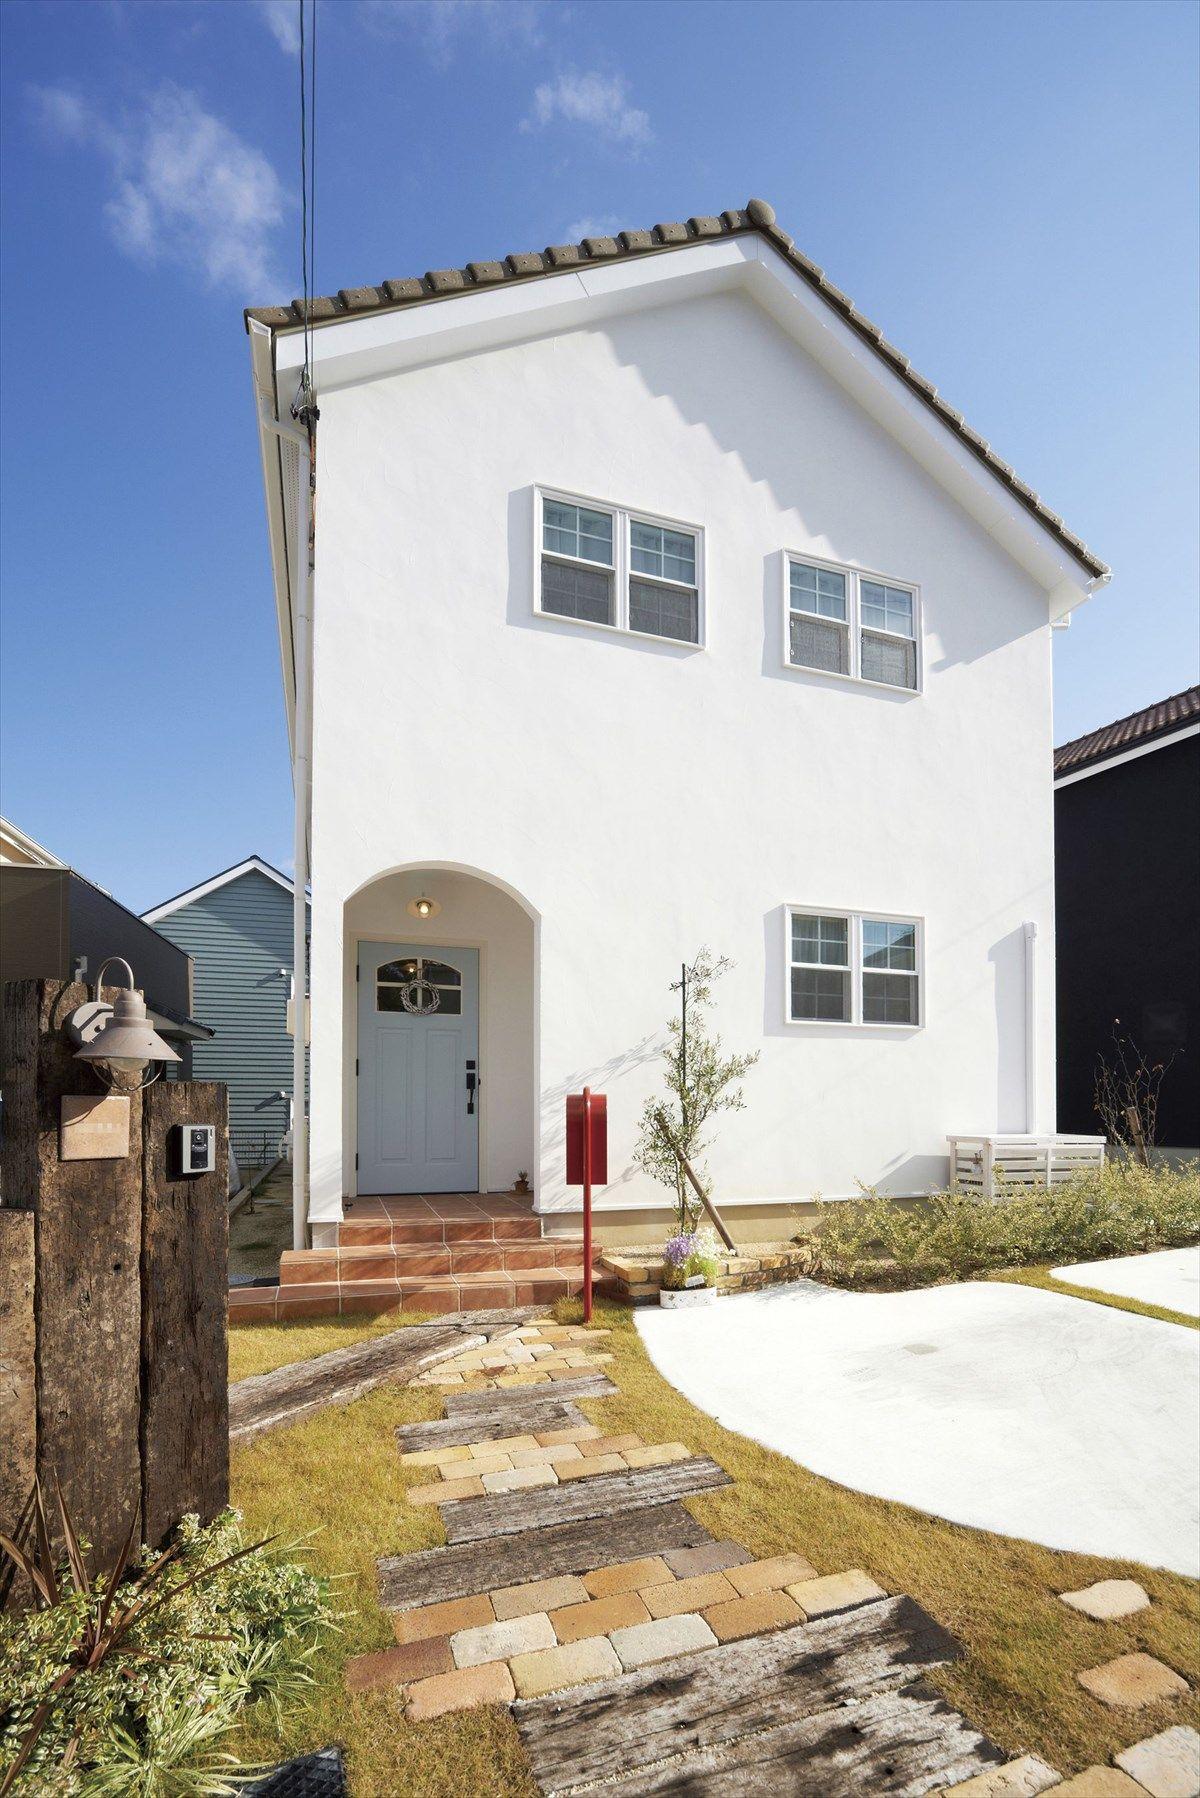 家 外観 エクステリア 切妻屋根 白い家 塗り壁 無垢玄関ドア